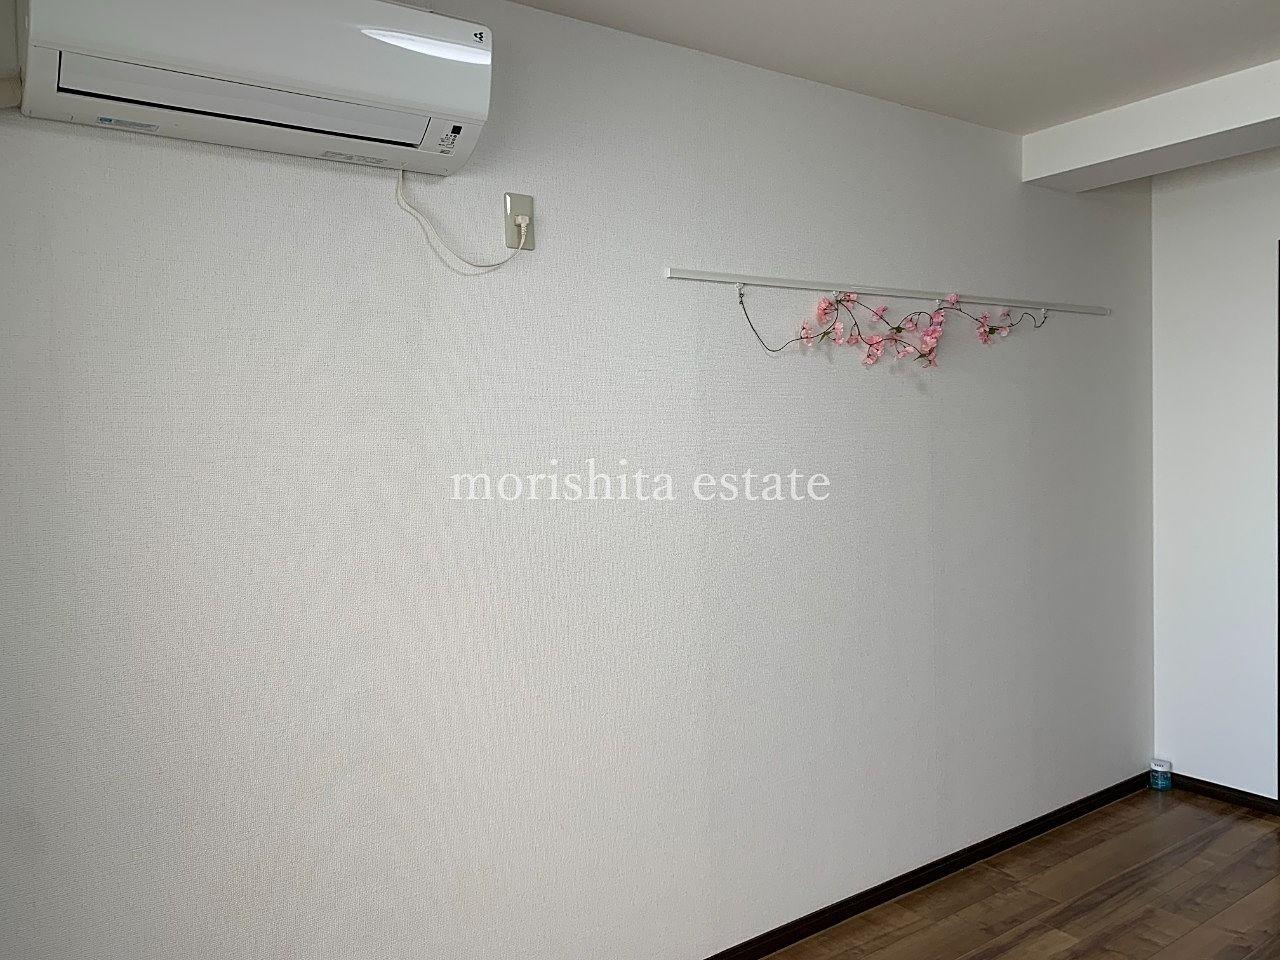 森下 菊川 賃貸物件 1DK 2人入居可能 桜 写真